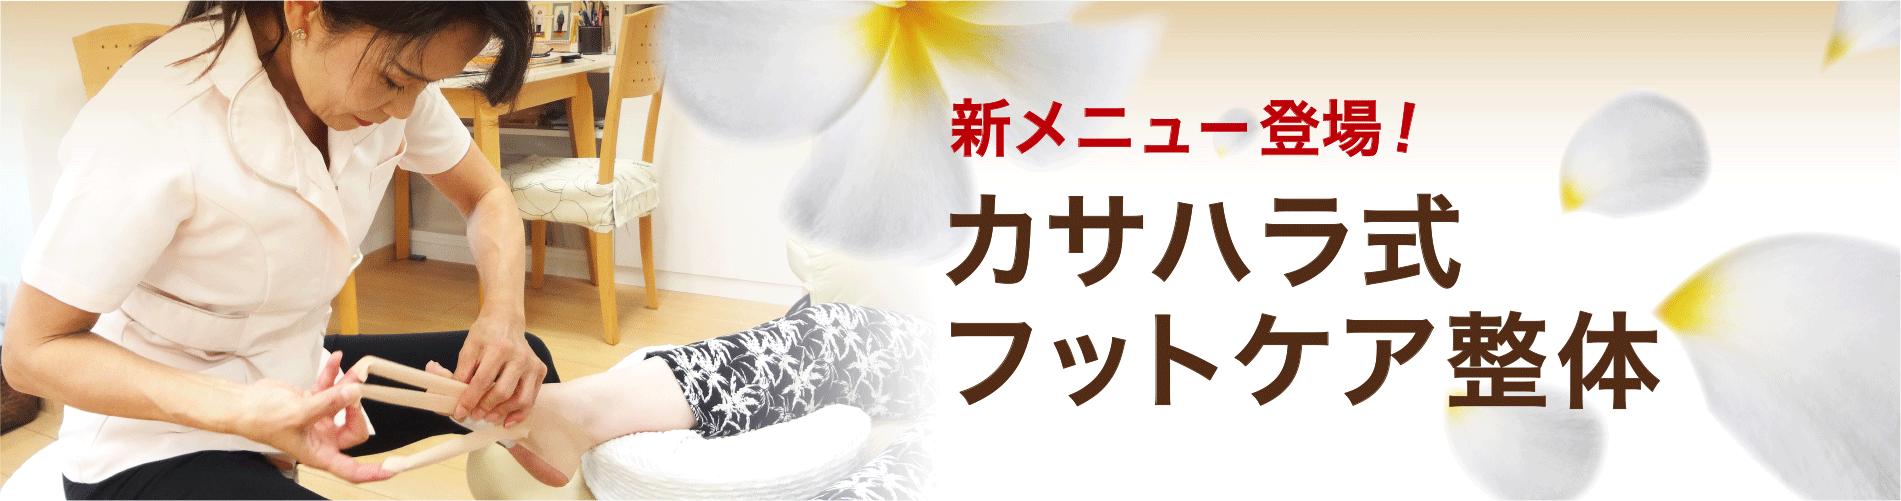 新メニュー登場!カサハラ式フットケア整体